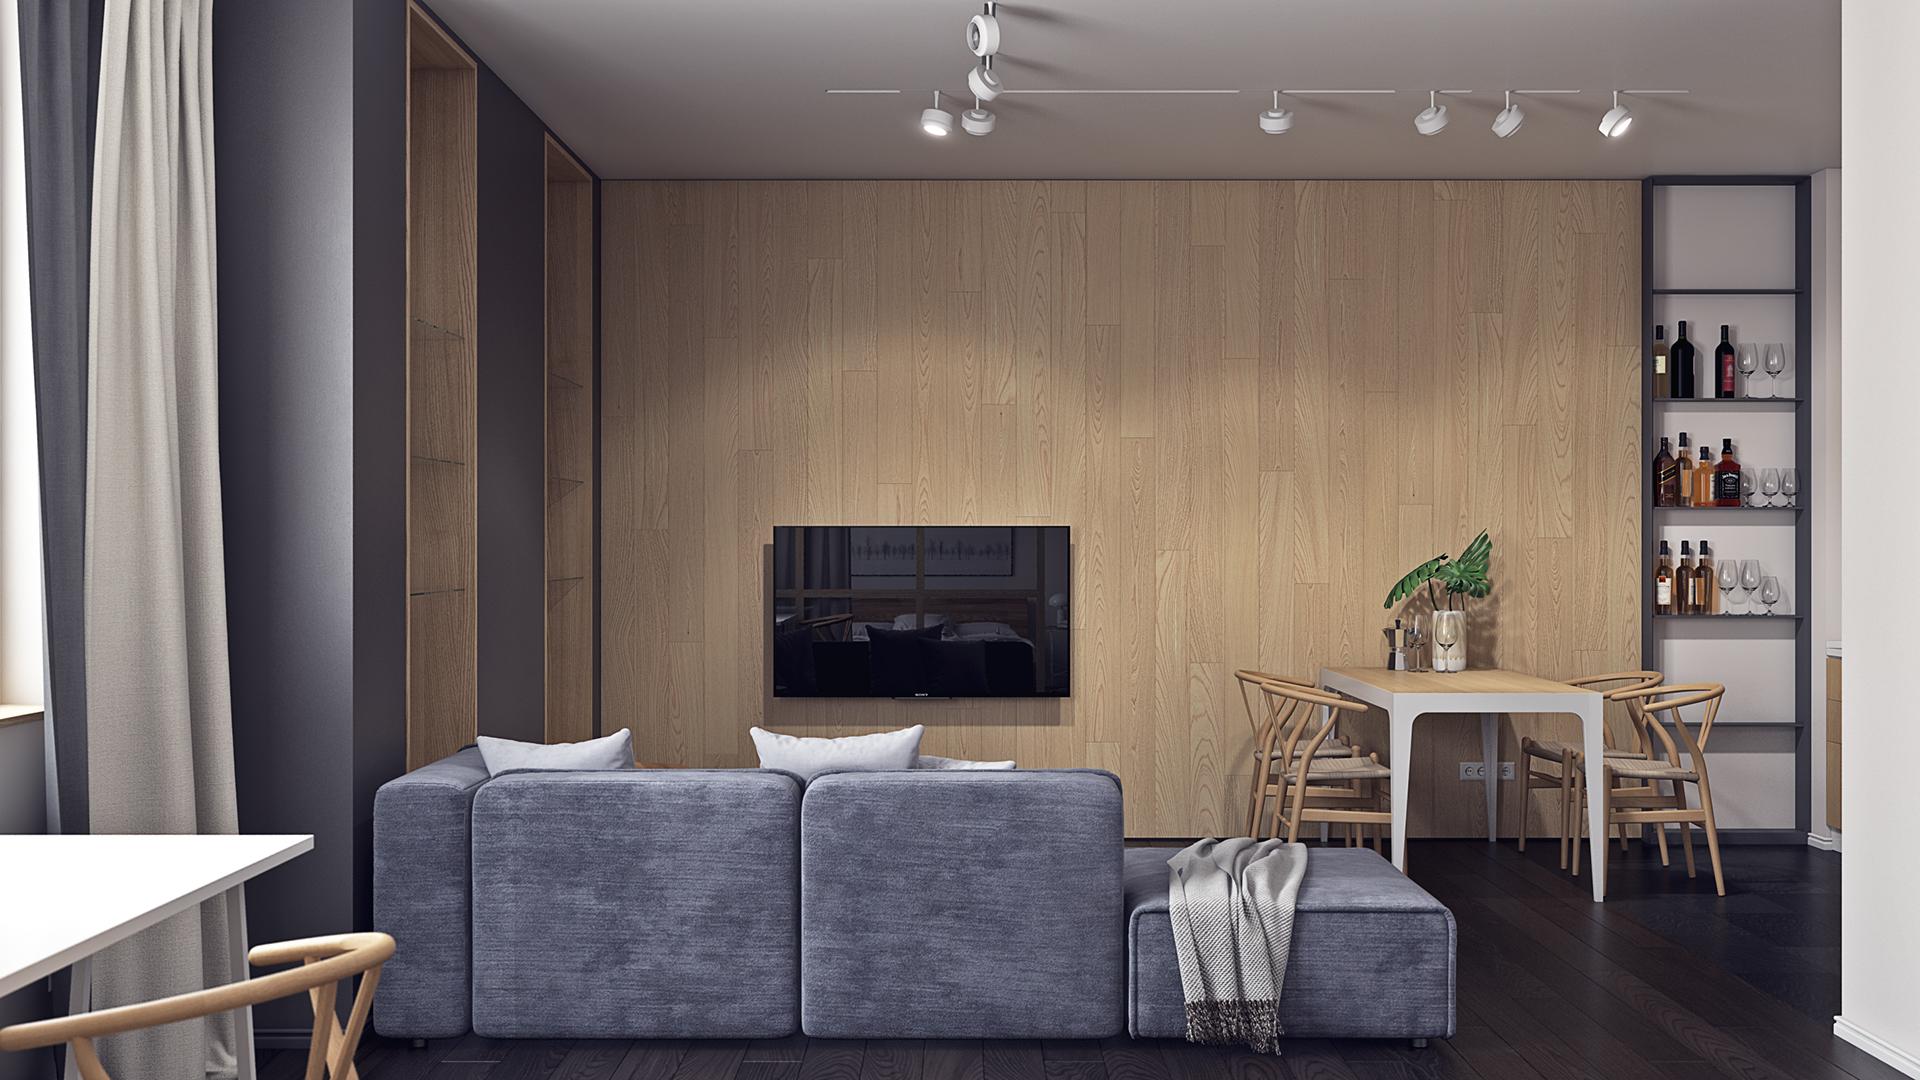 Arredamento soggiorno moderno:consigli e idee di design per la zona ...